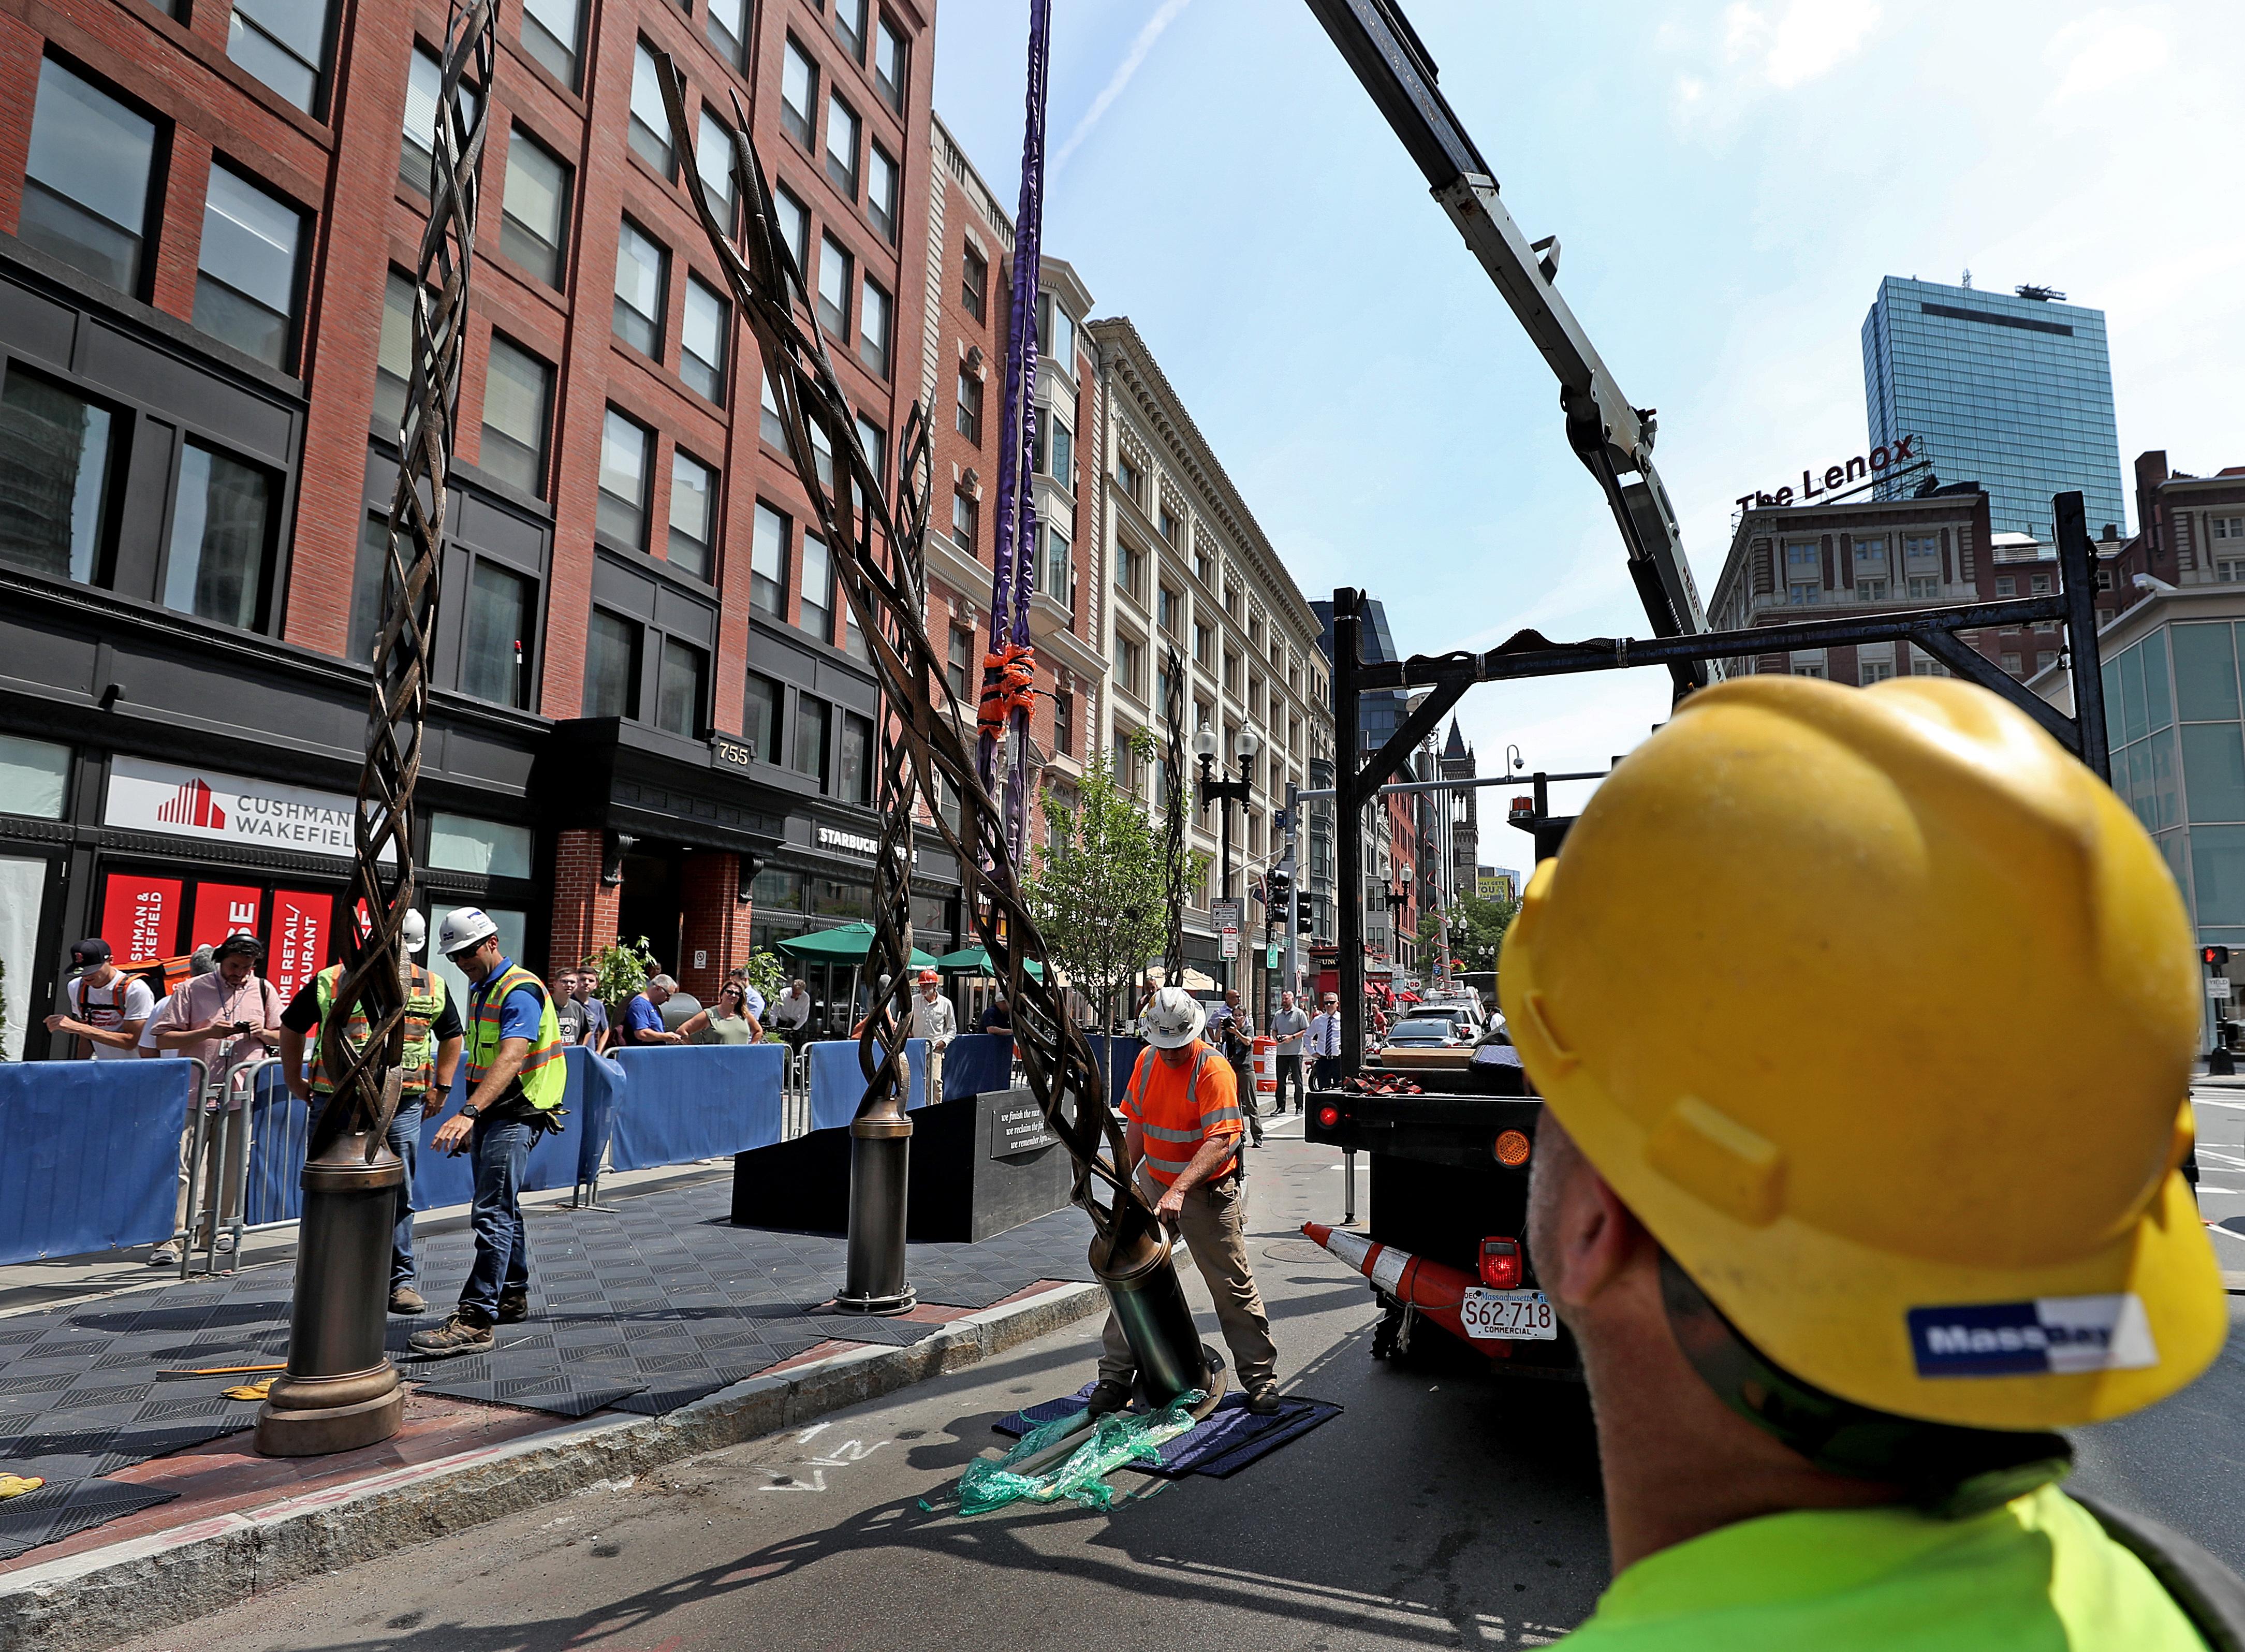 Boston Marathon bombing memorial installation to wrap